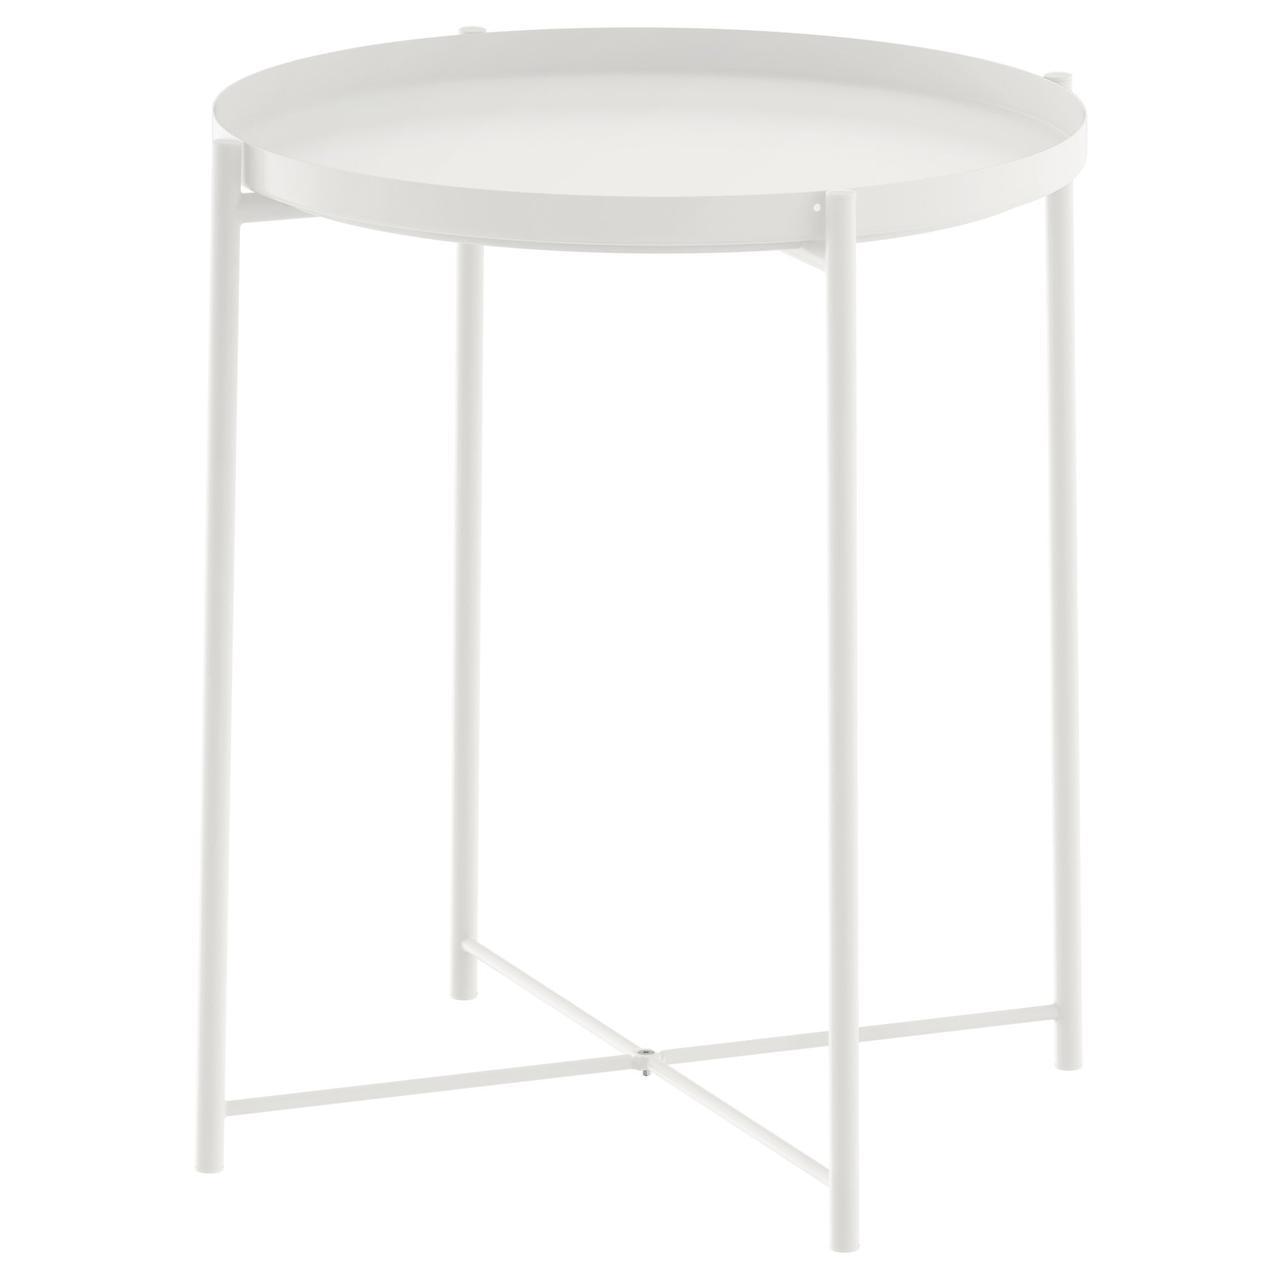 Столик IKEA GLADOM 45x53 см білий 703.378.19